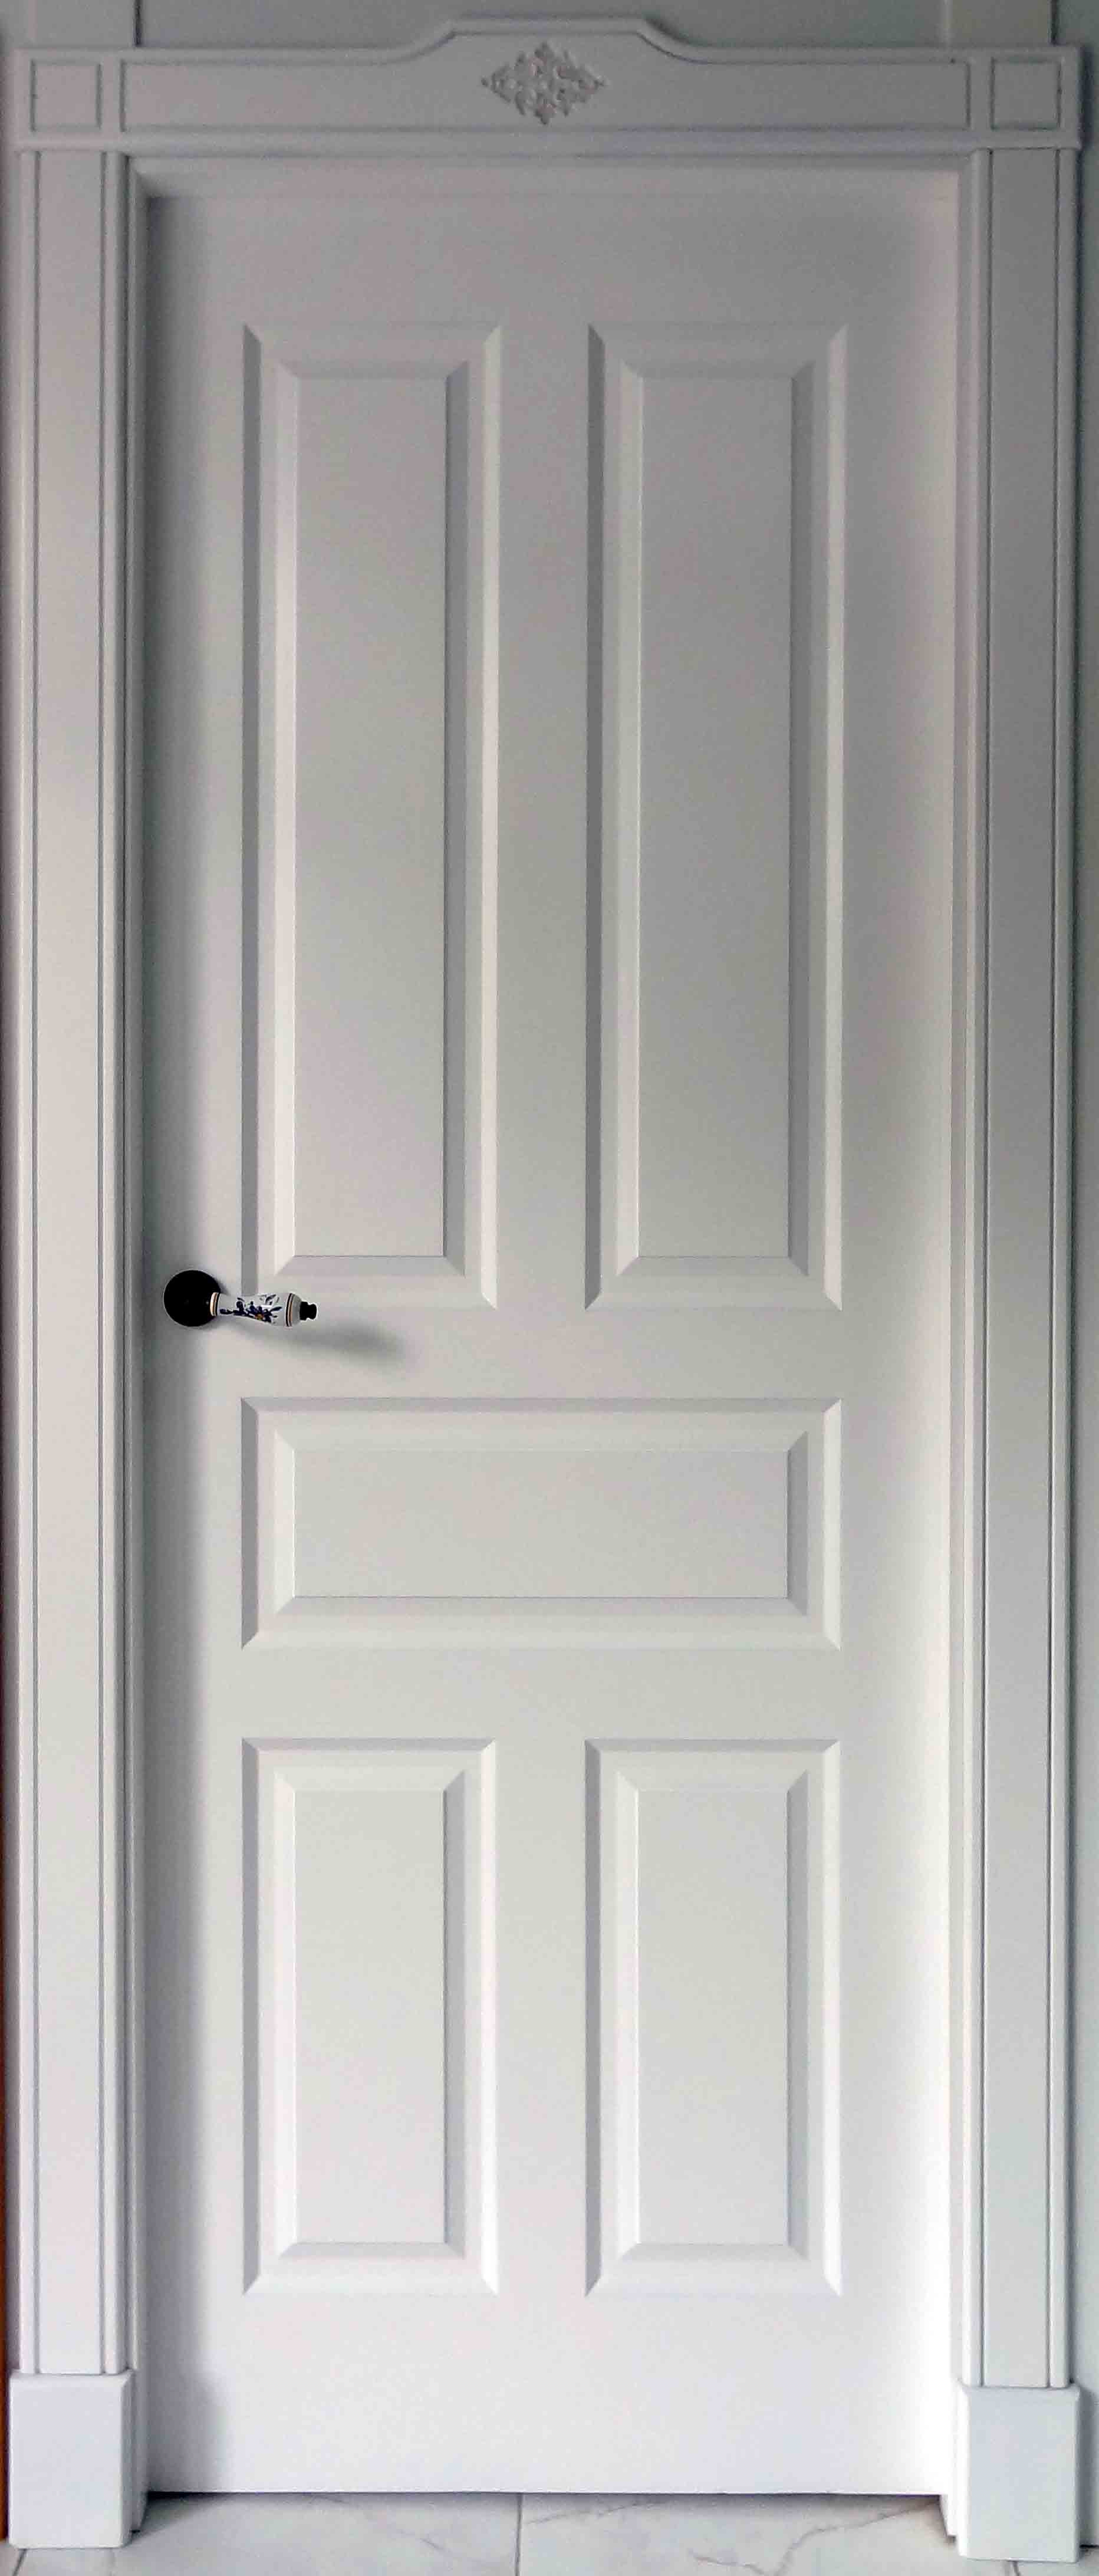 Precio de puertas lacadas en blanco hermoso precio de - Puertas lacadas blancas precios ...